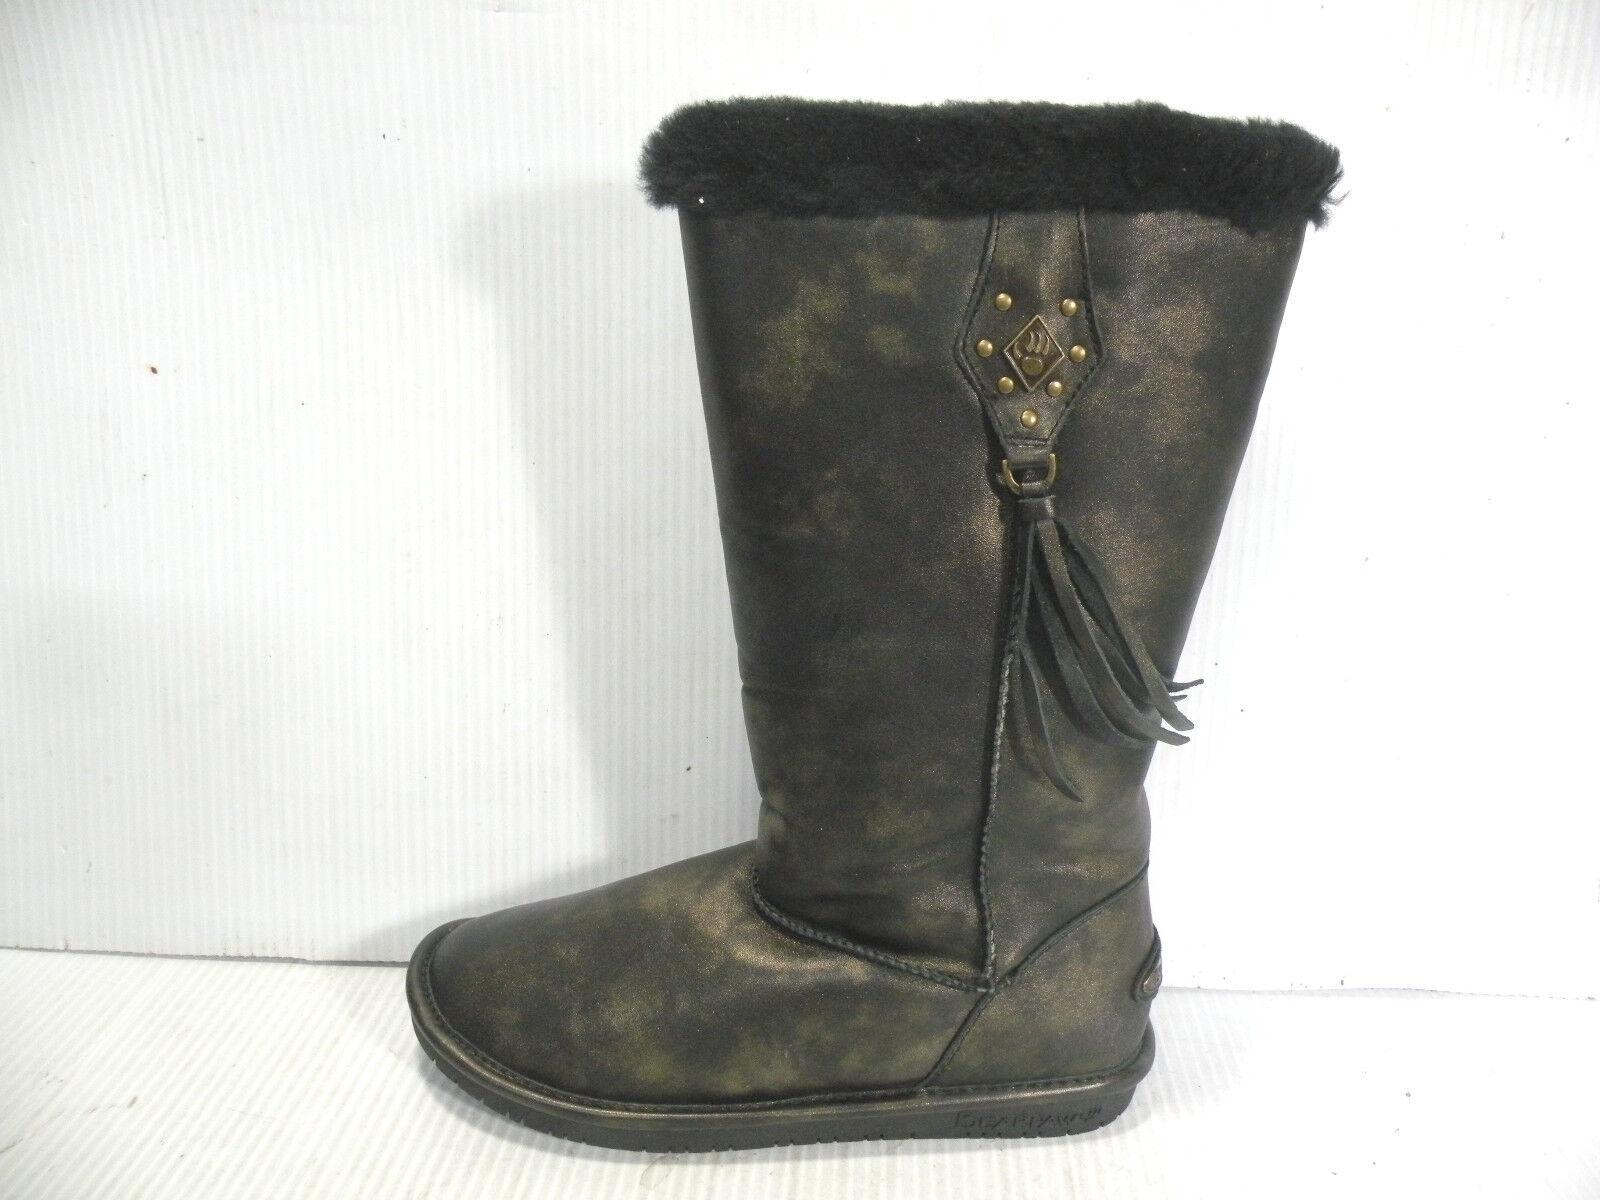 Zapatos De Cuero Bearpaw botas Mujer Sidney humo oro 856W Nuevo